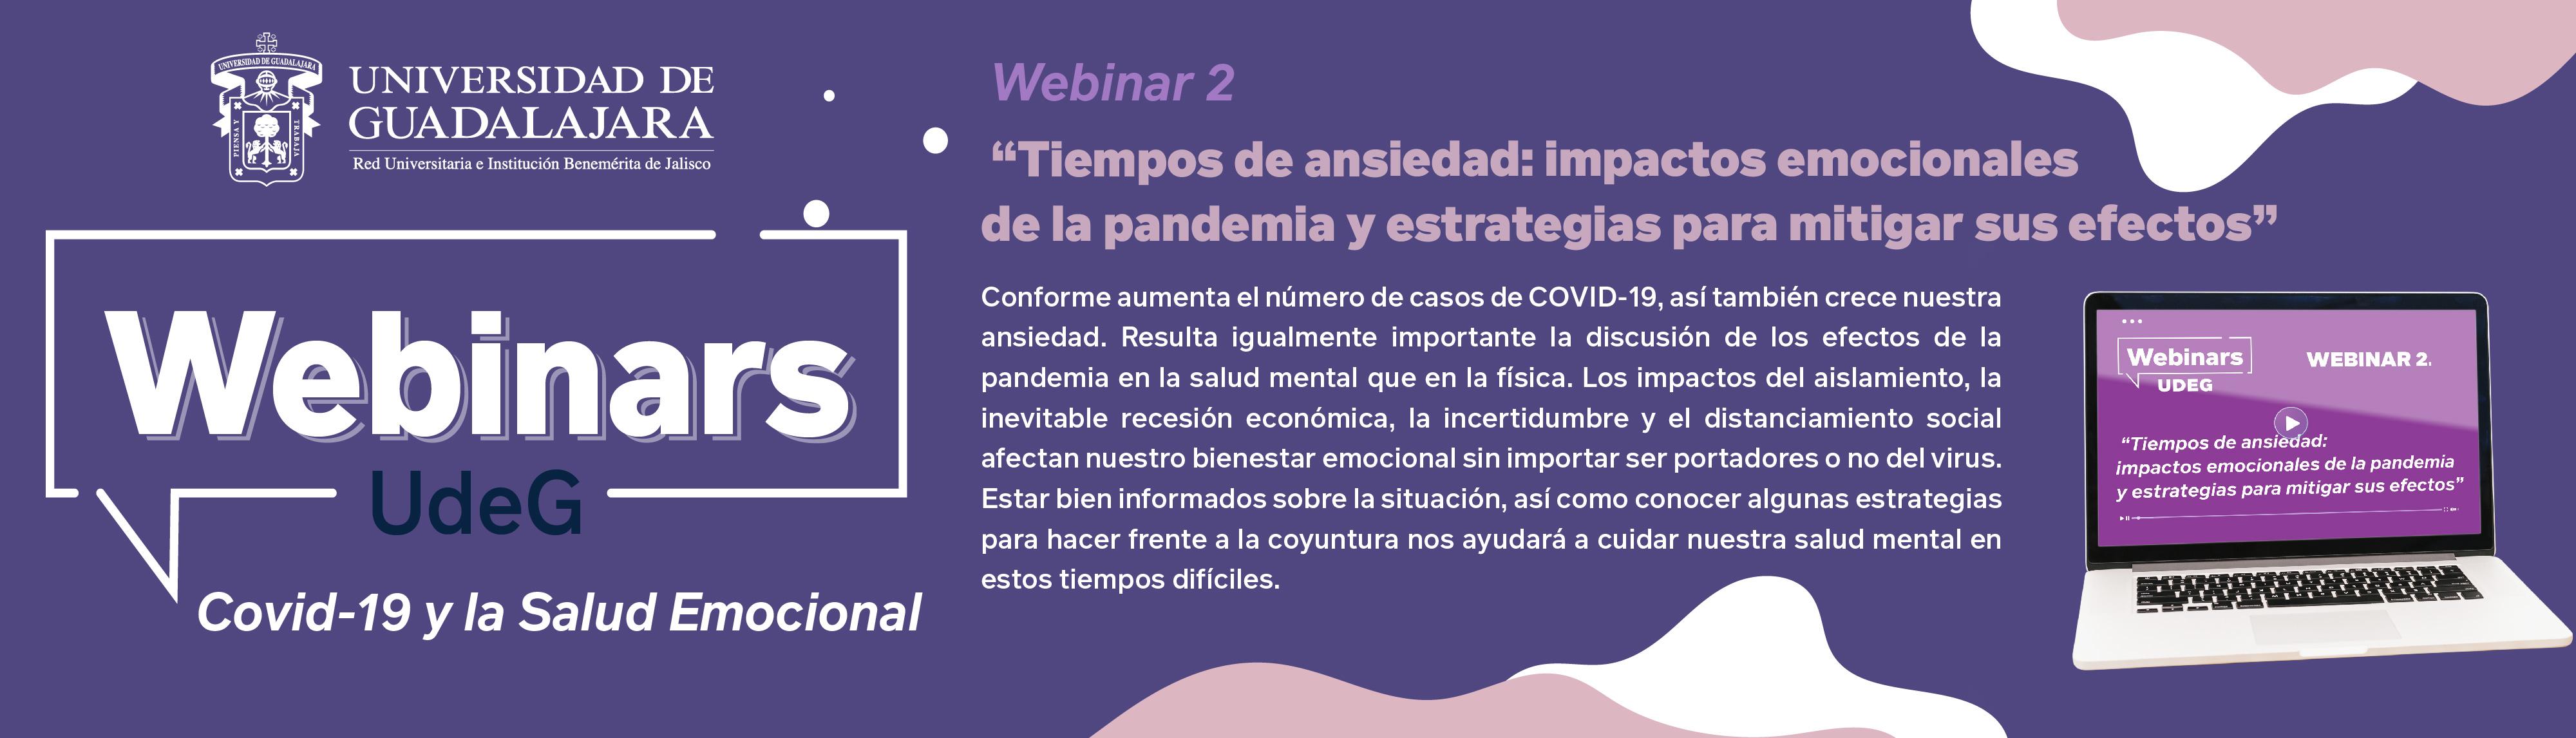 Slide webinar 2